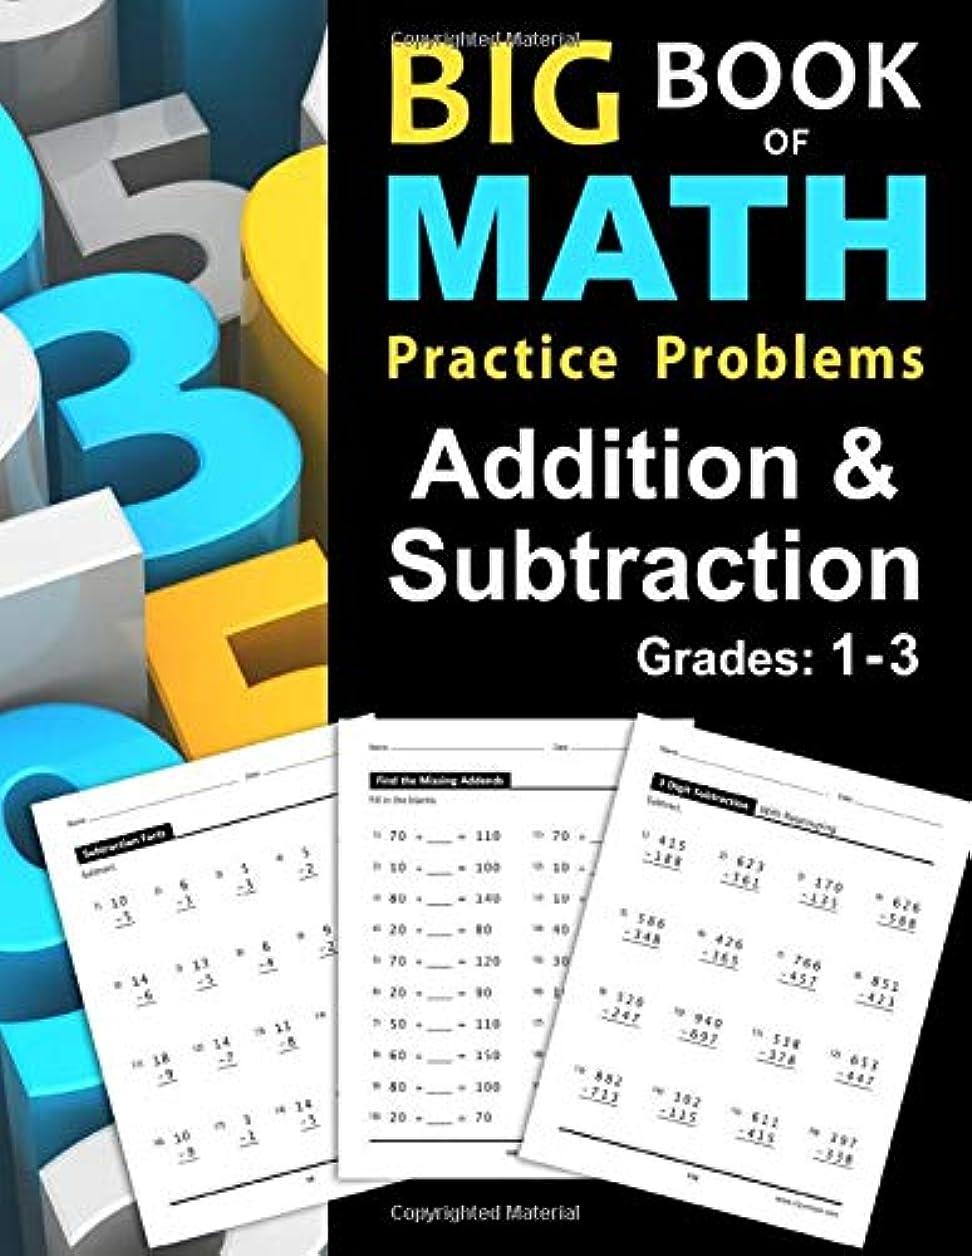 デジタル霧フロントBig Book of Math Practice Problems Addition and Subtraction: Single Digit Facts / Drills, Double Digits, Triple Digits, Arithmetic With & Without Regrouping, Grades 1-3